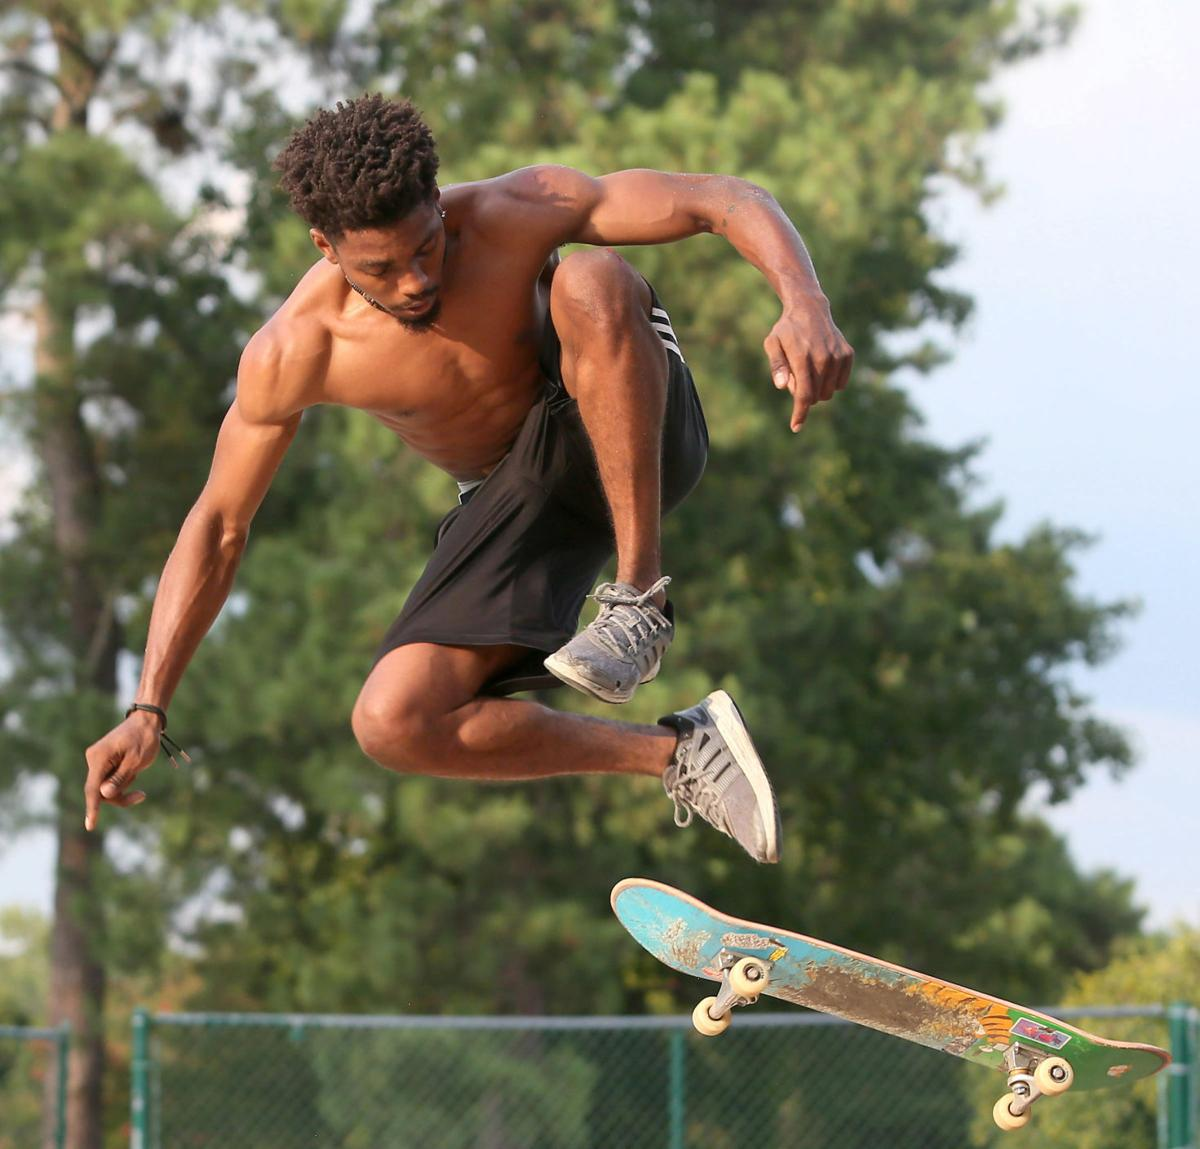 080119_rmt_skateboarder